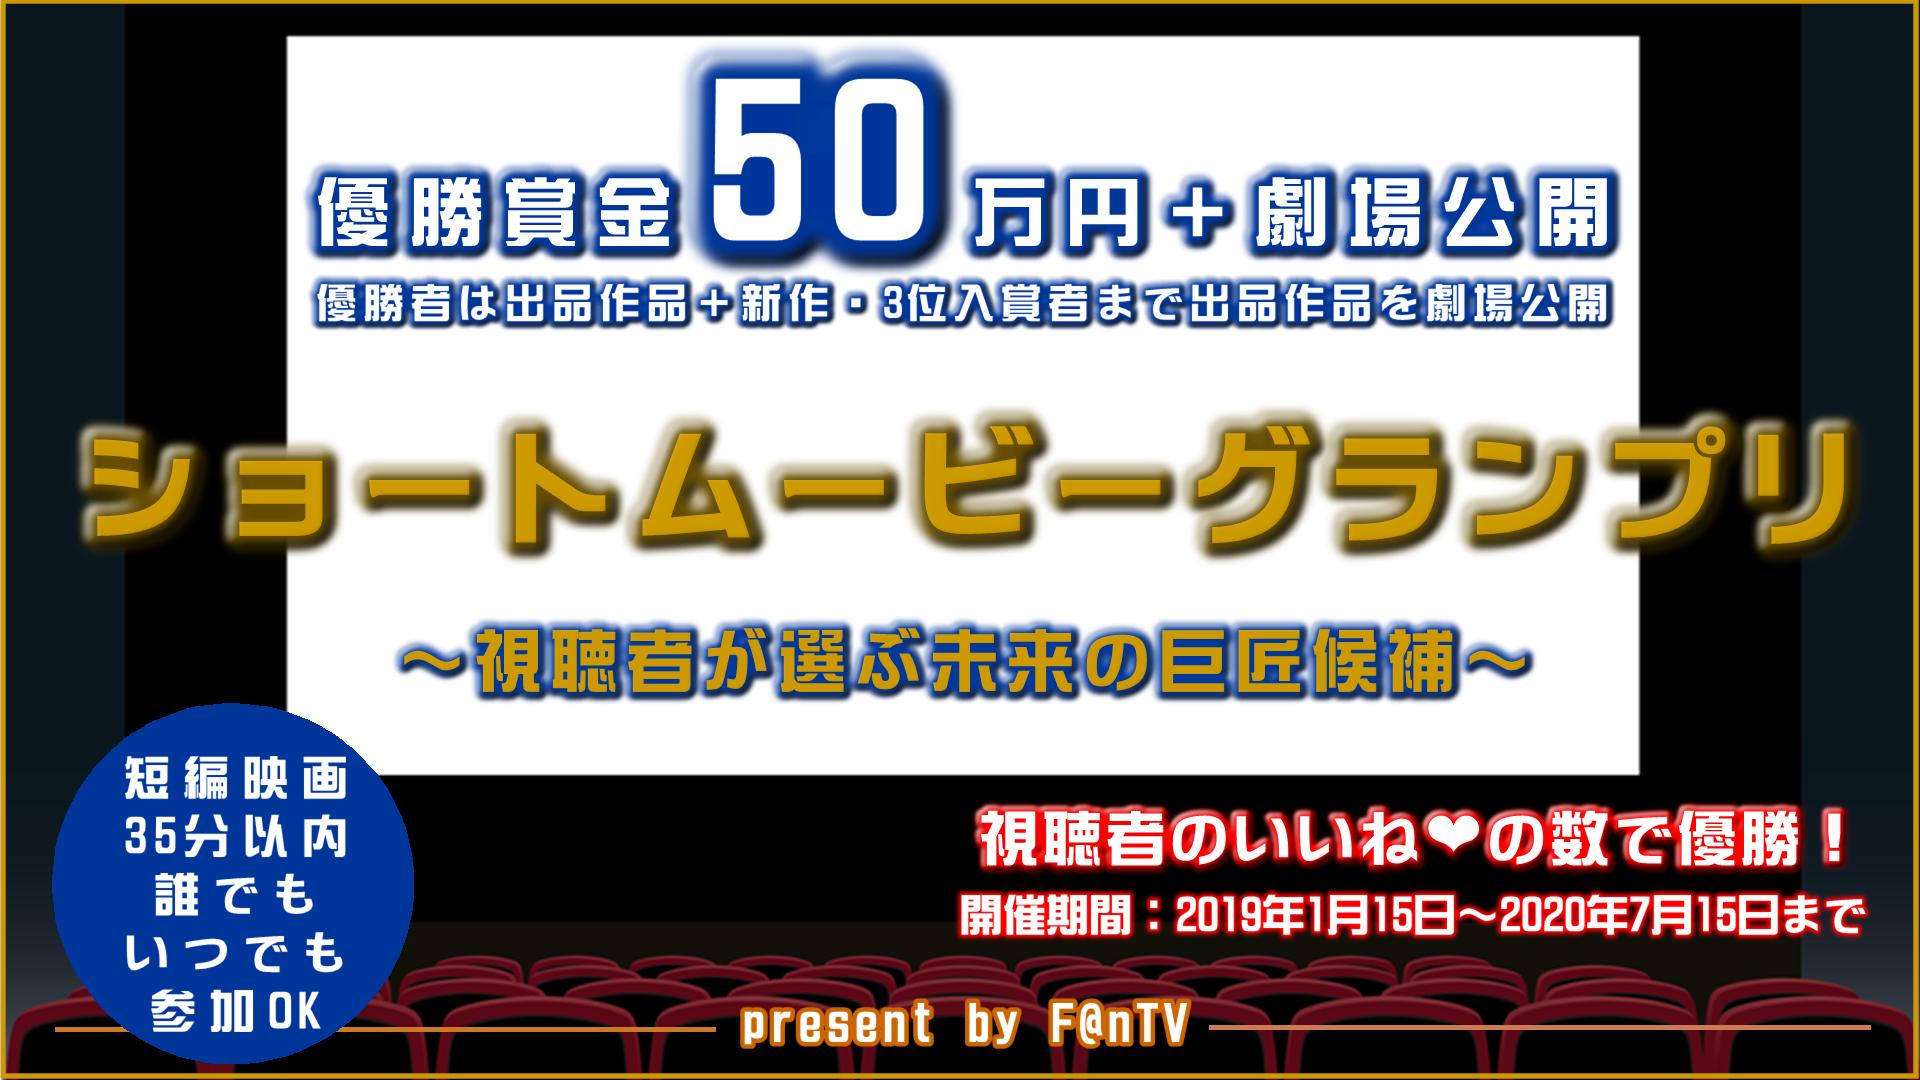 動画投稿,ショートムービー応募,ショートムービーグランプリ.PNG